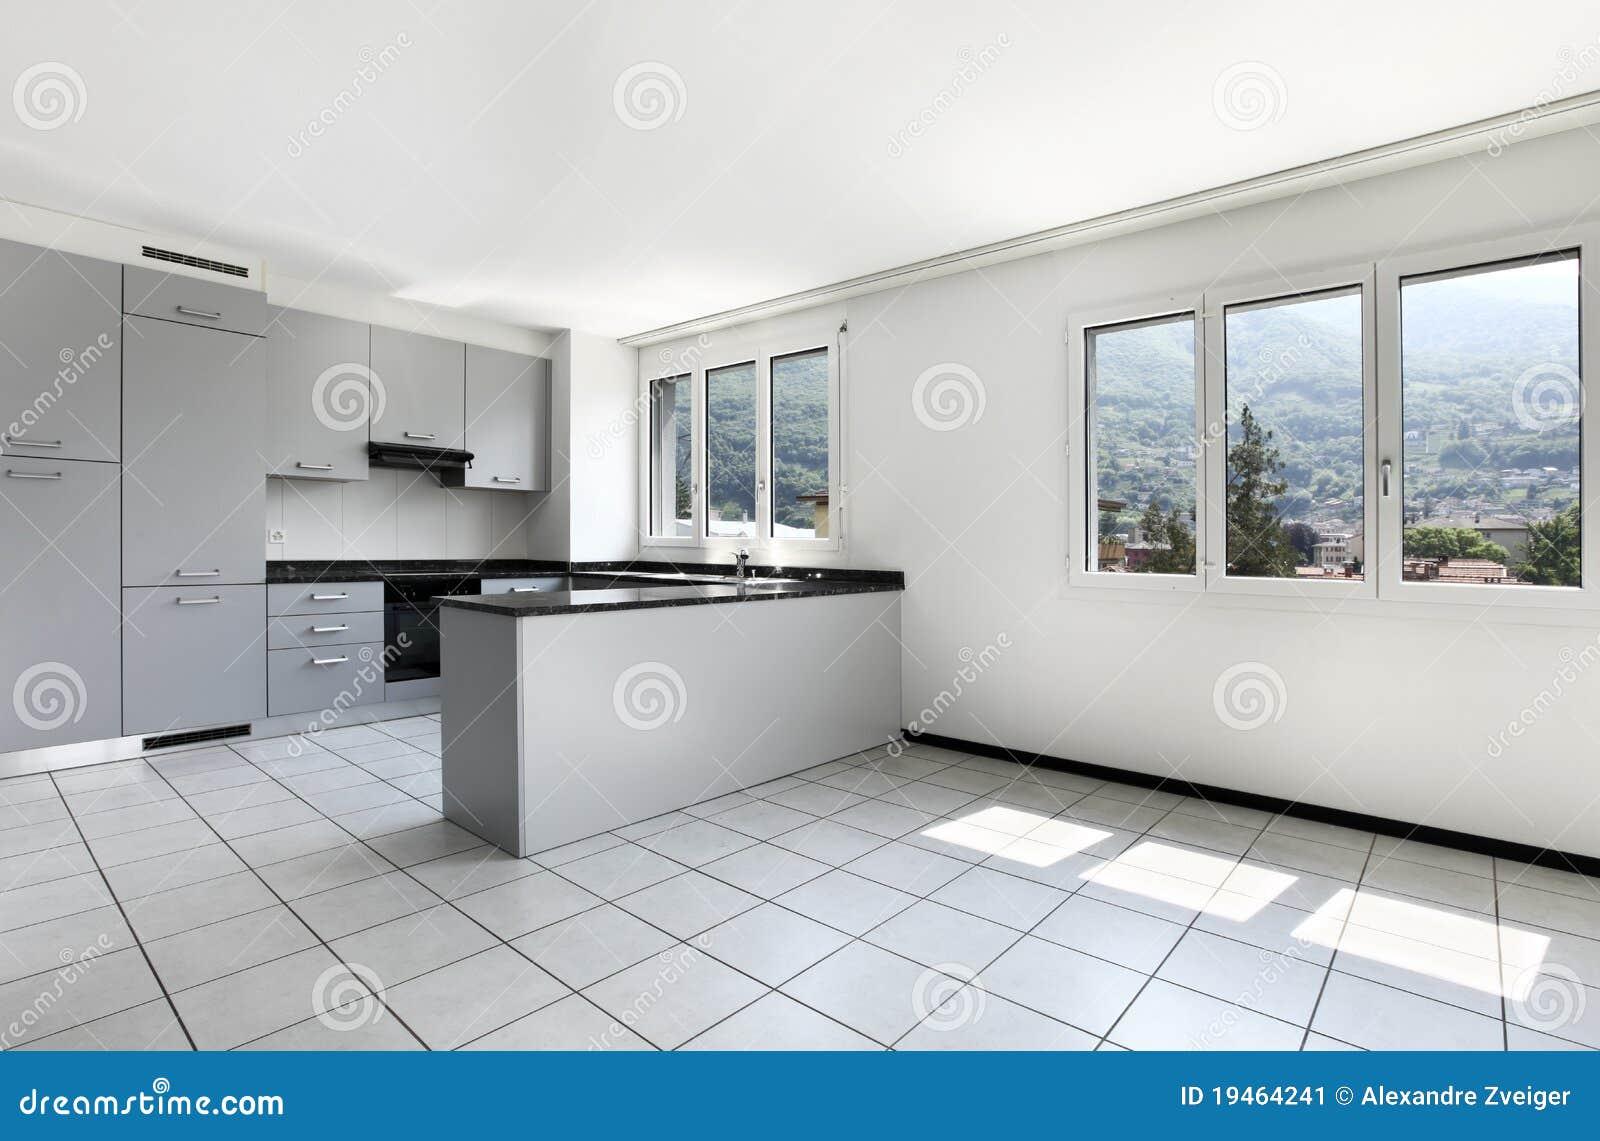 Neue Wohnung, Leere Küche Mit Weißem Mit Ziegeln Gedecktem Fußboden